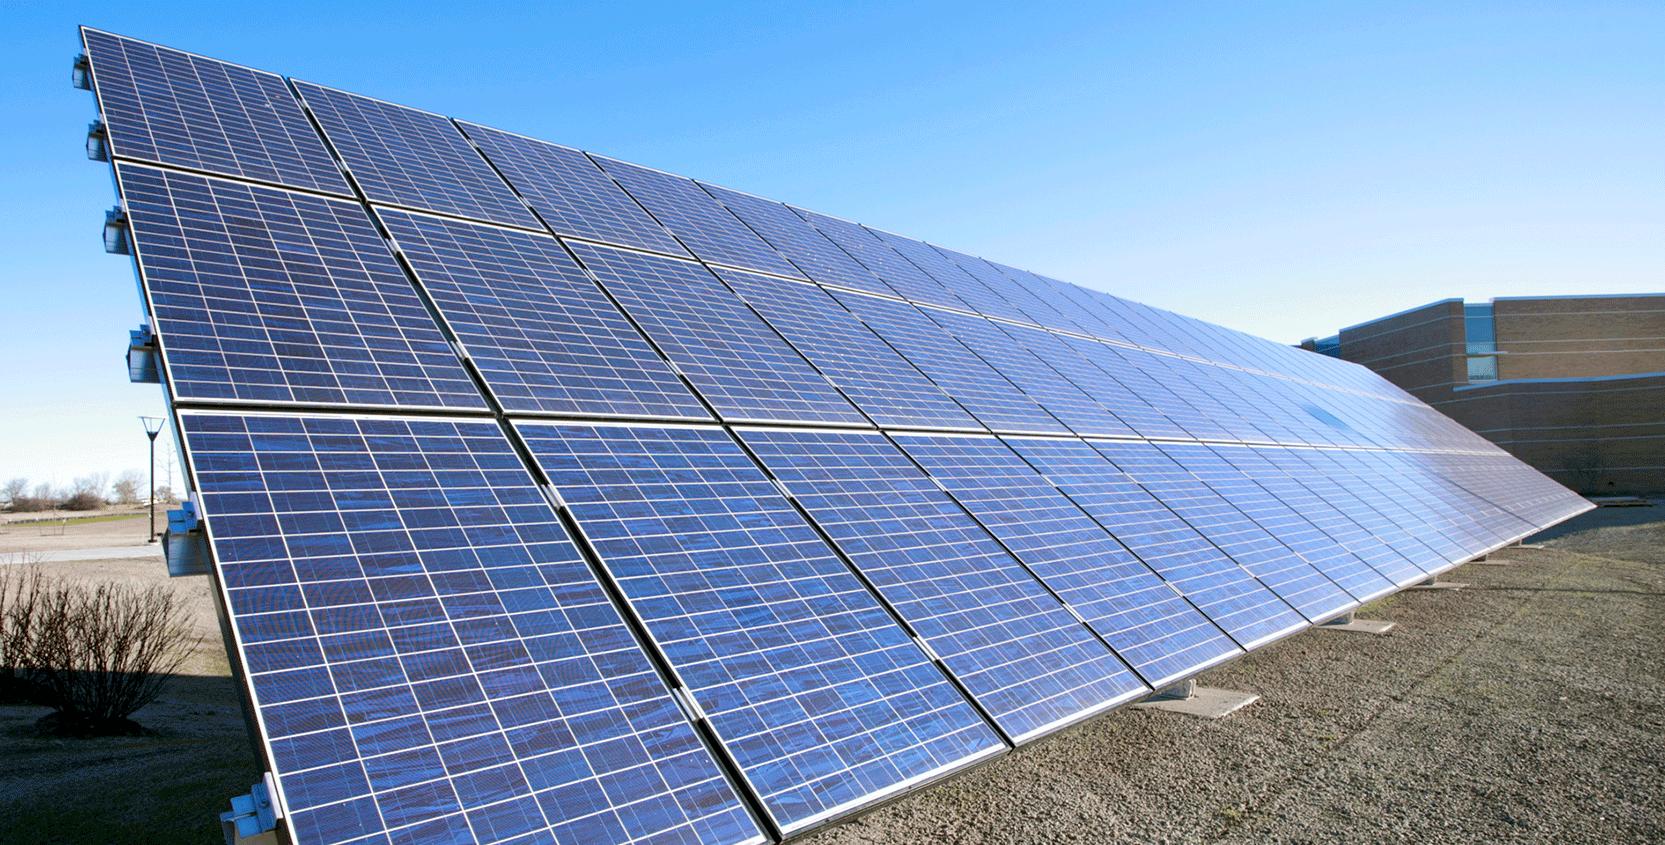 SVSU-CHHS-Solar-Panel-1665x845